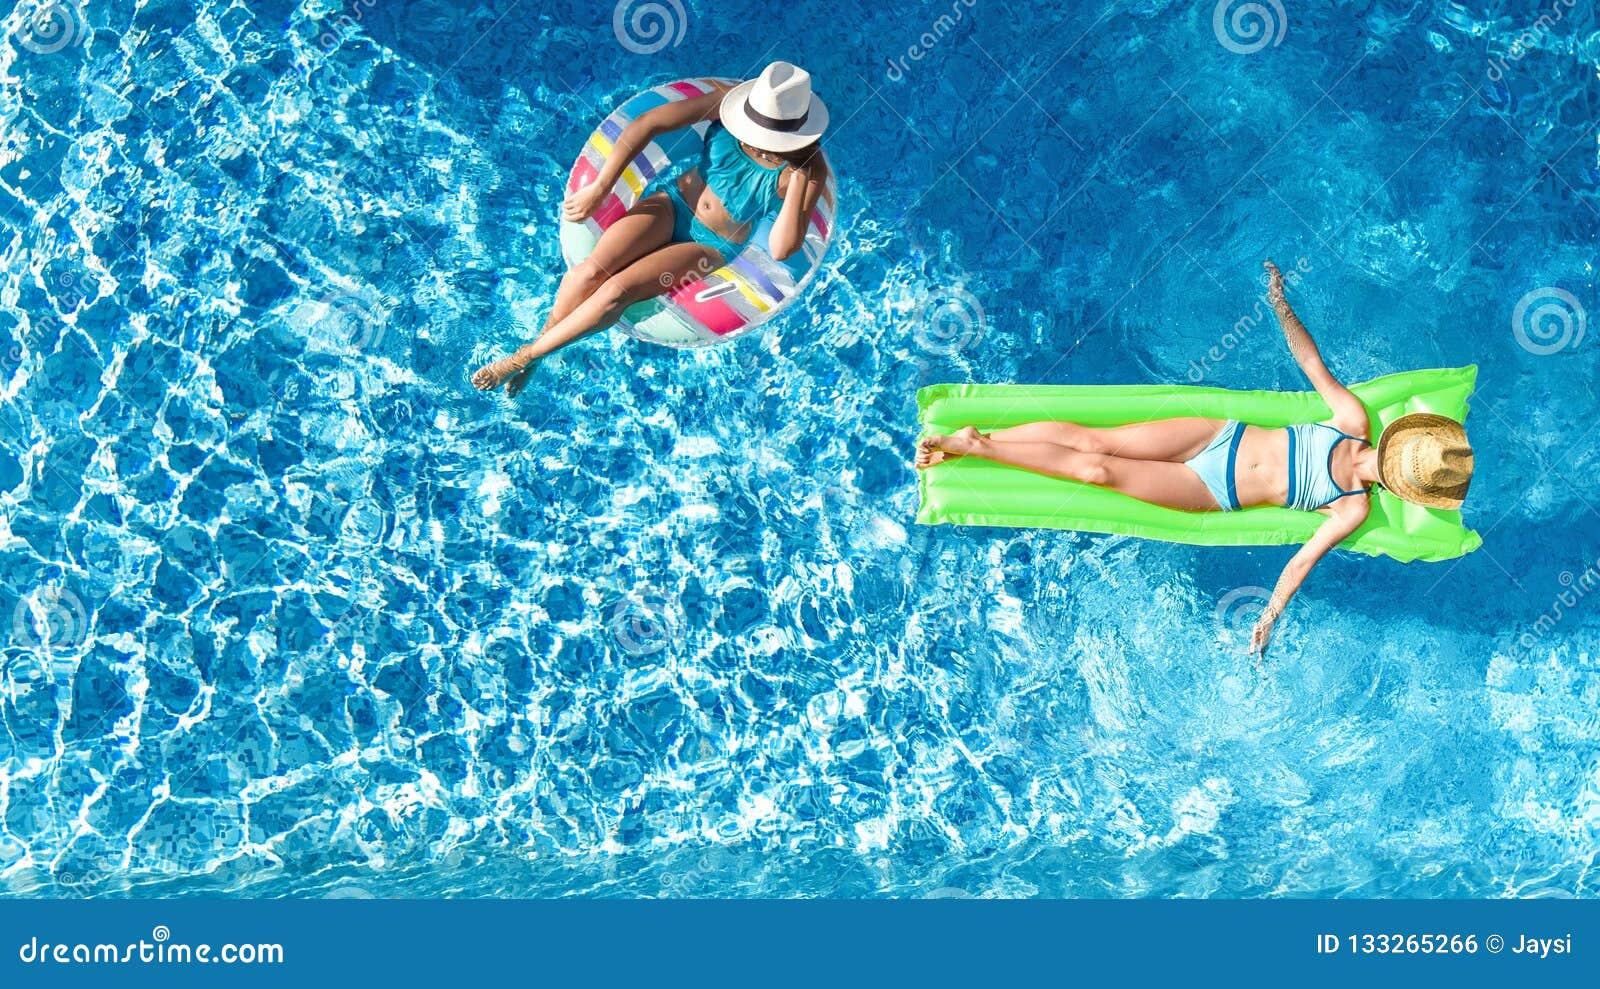 Kinder in Swimmingpoolluftbrummenansicht fom oben, glückliche Kinder schwimmen auf aufblasbarem Ringdonut und Matratze, Mädchen h